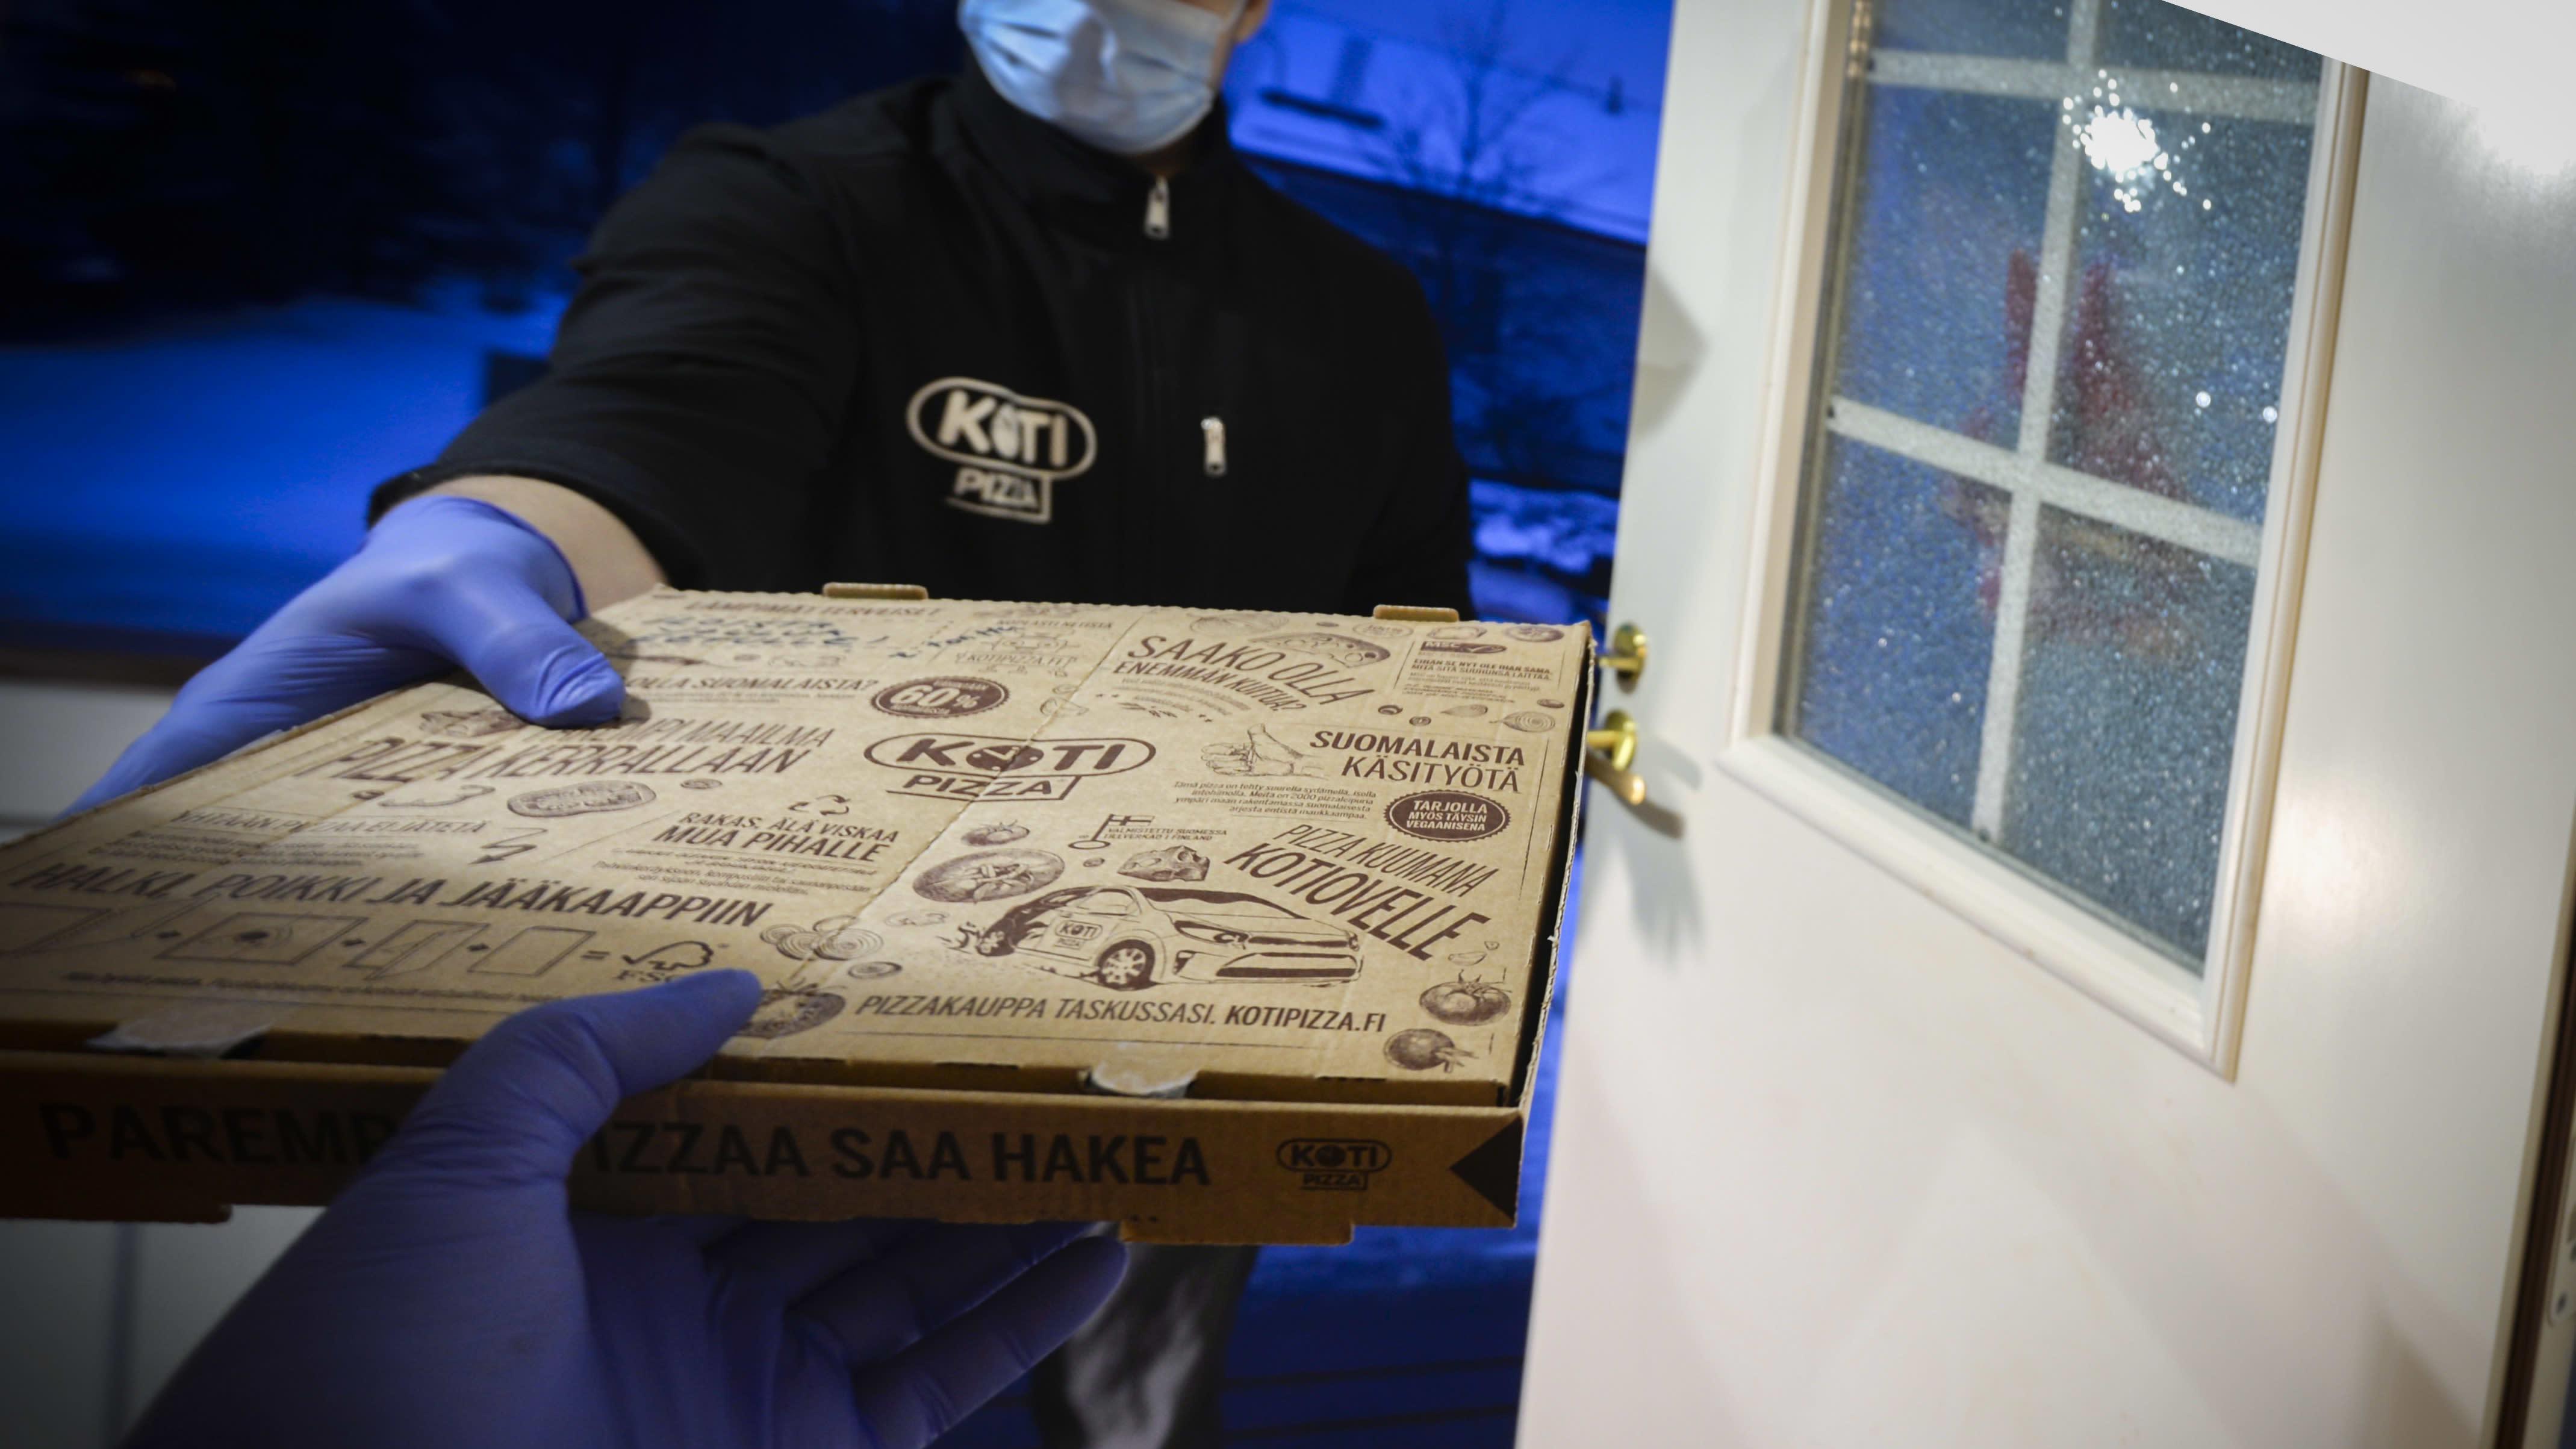 Kotiin tuodaan pizza ravintolasta. Koronan aikaan maski kasvoilla.